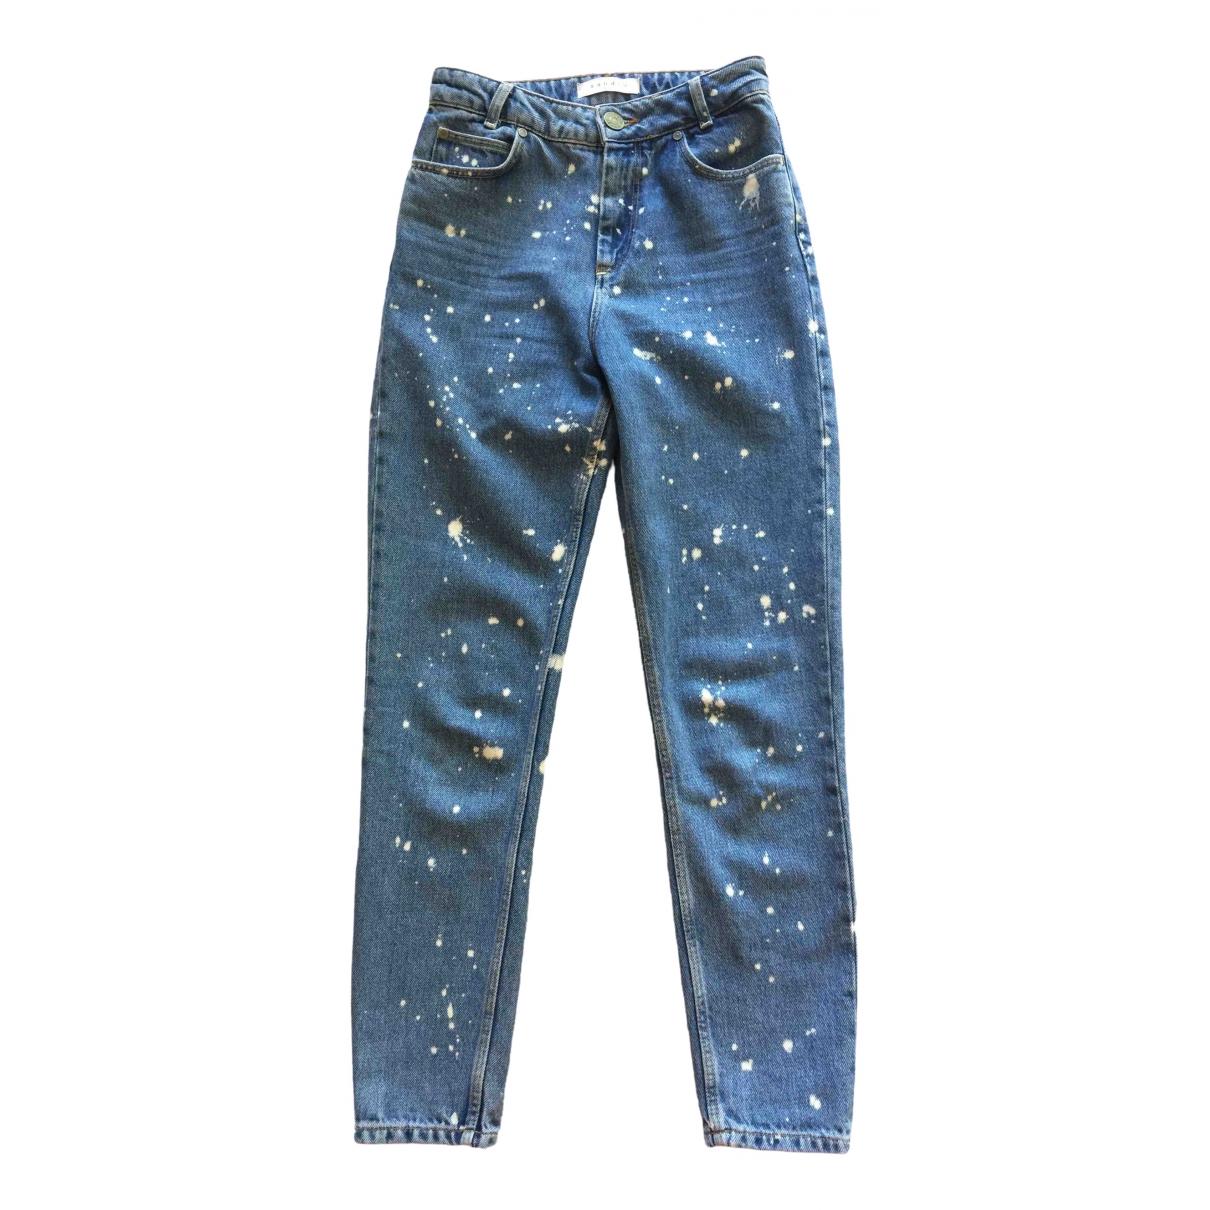 Sandro \N Blue Denim - Jeans Jeans for Women 36 FR